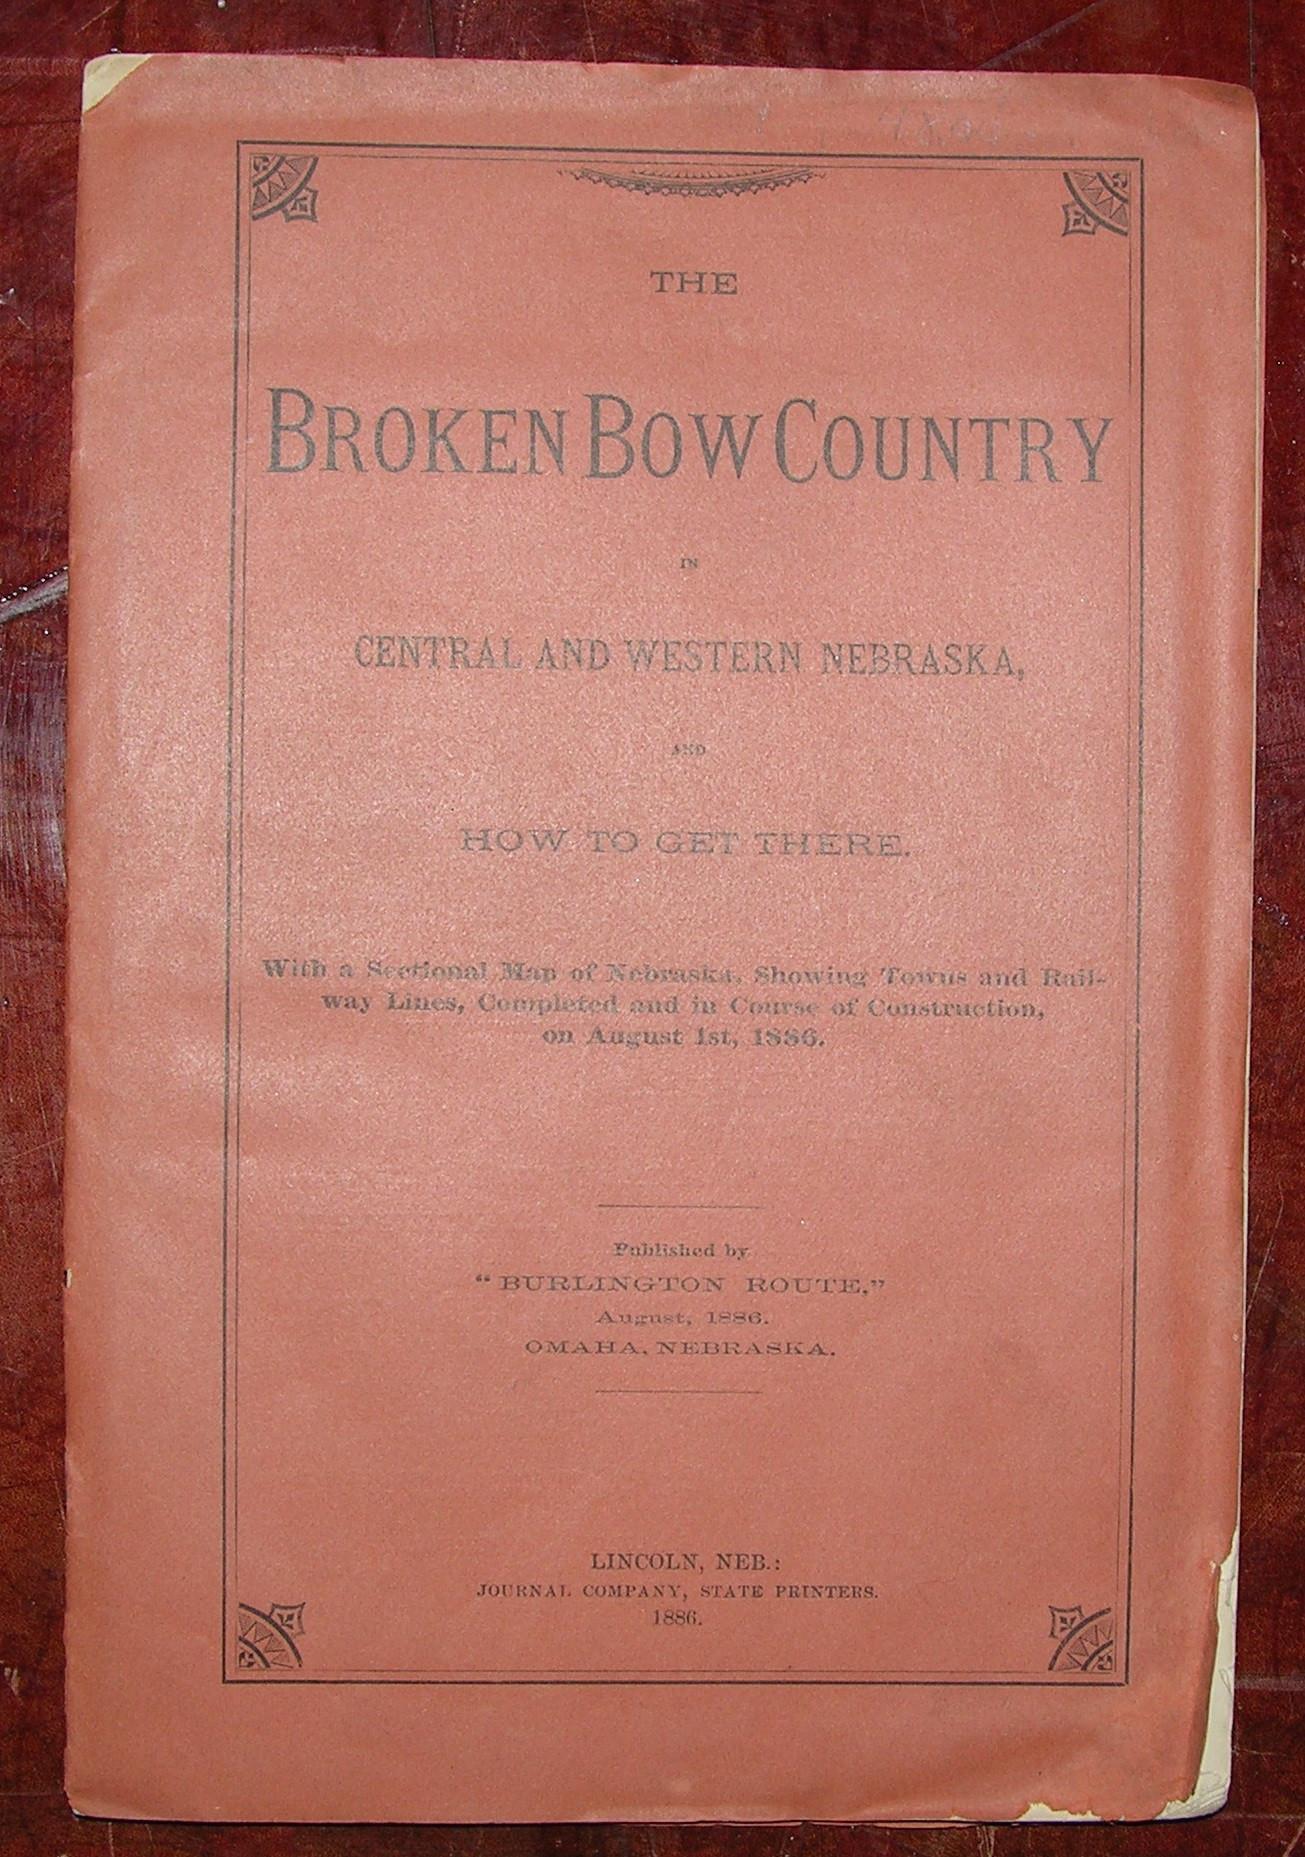 Nebraska The Broken Bow Country In Central And Western Nebraska